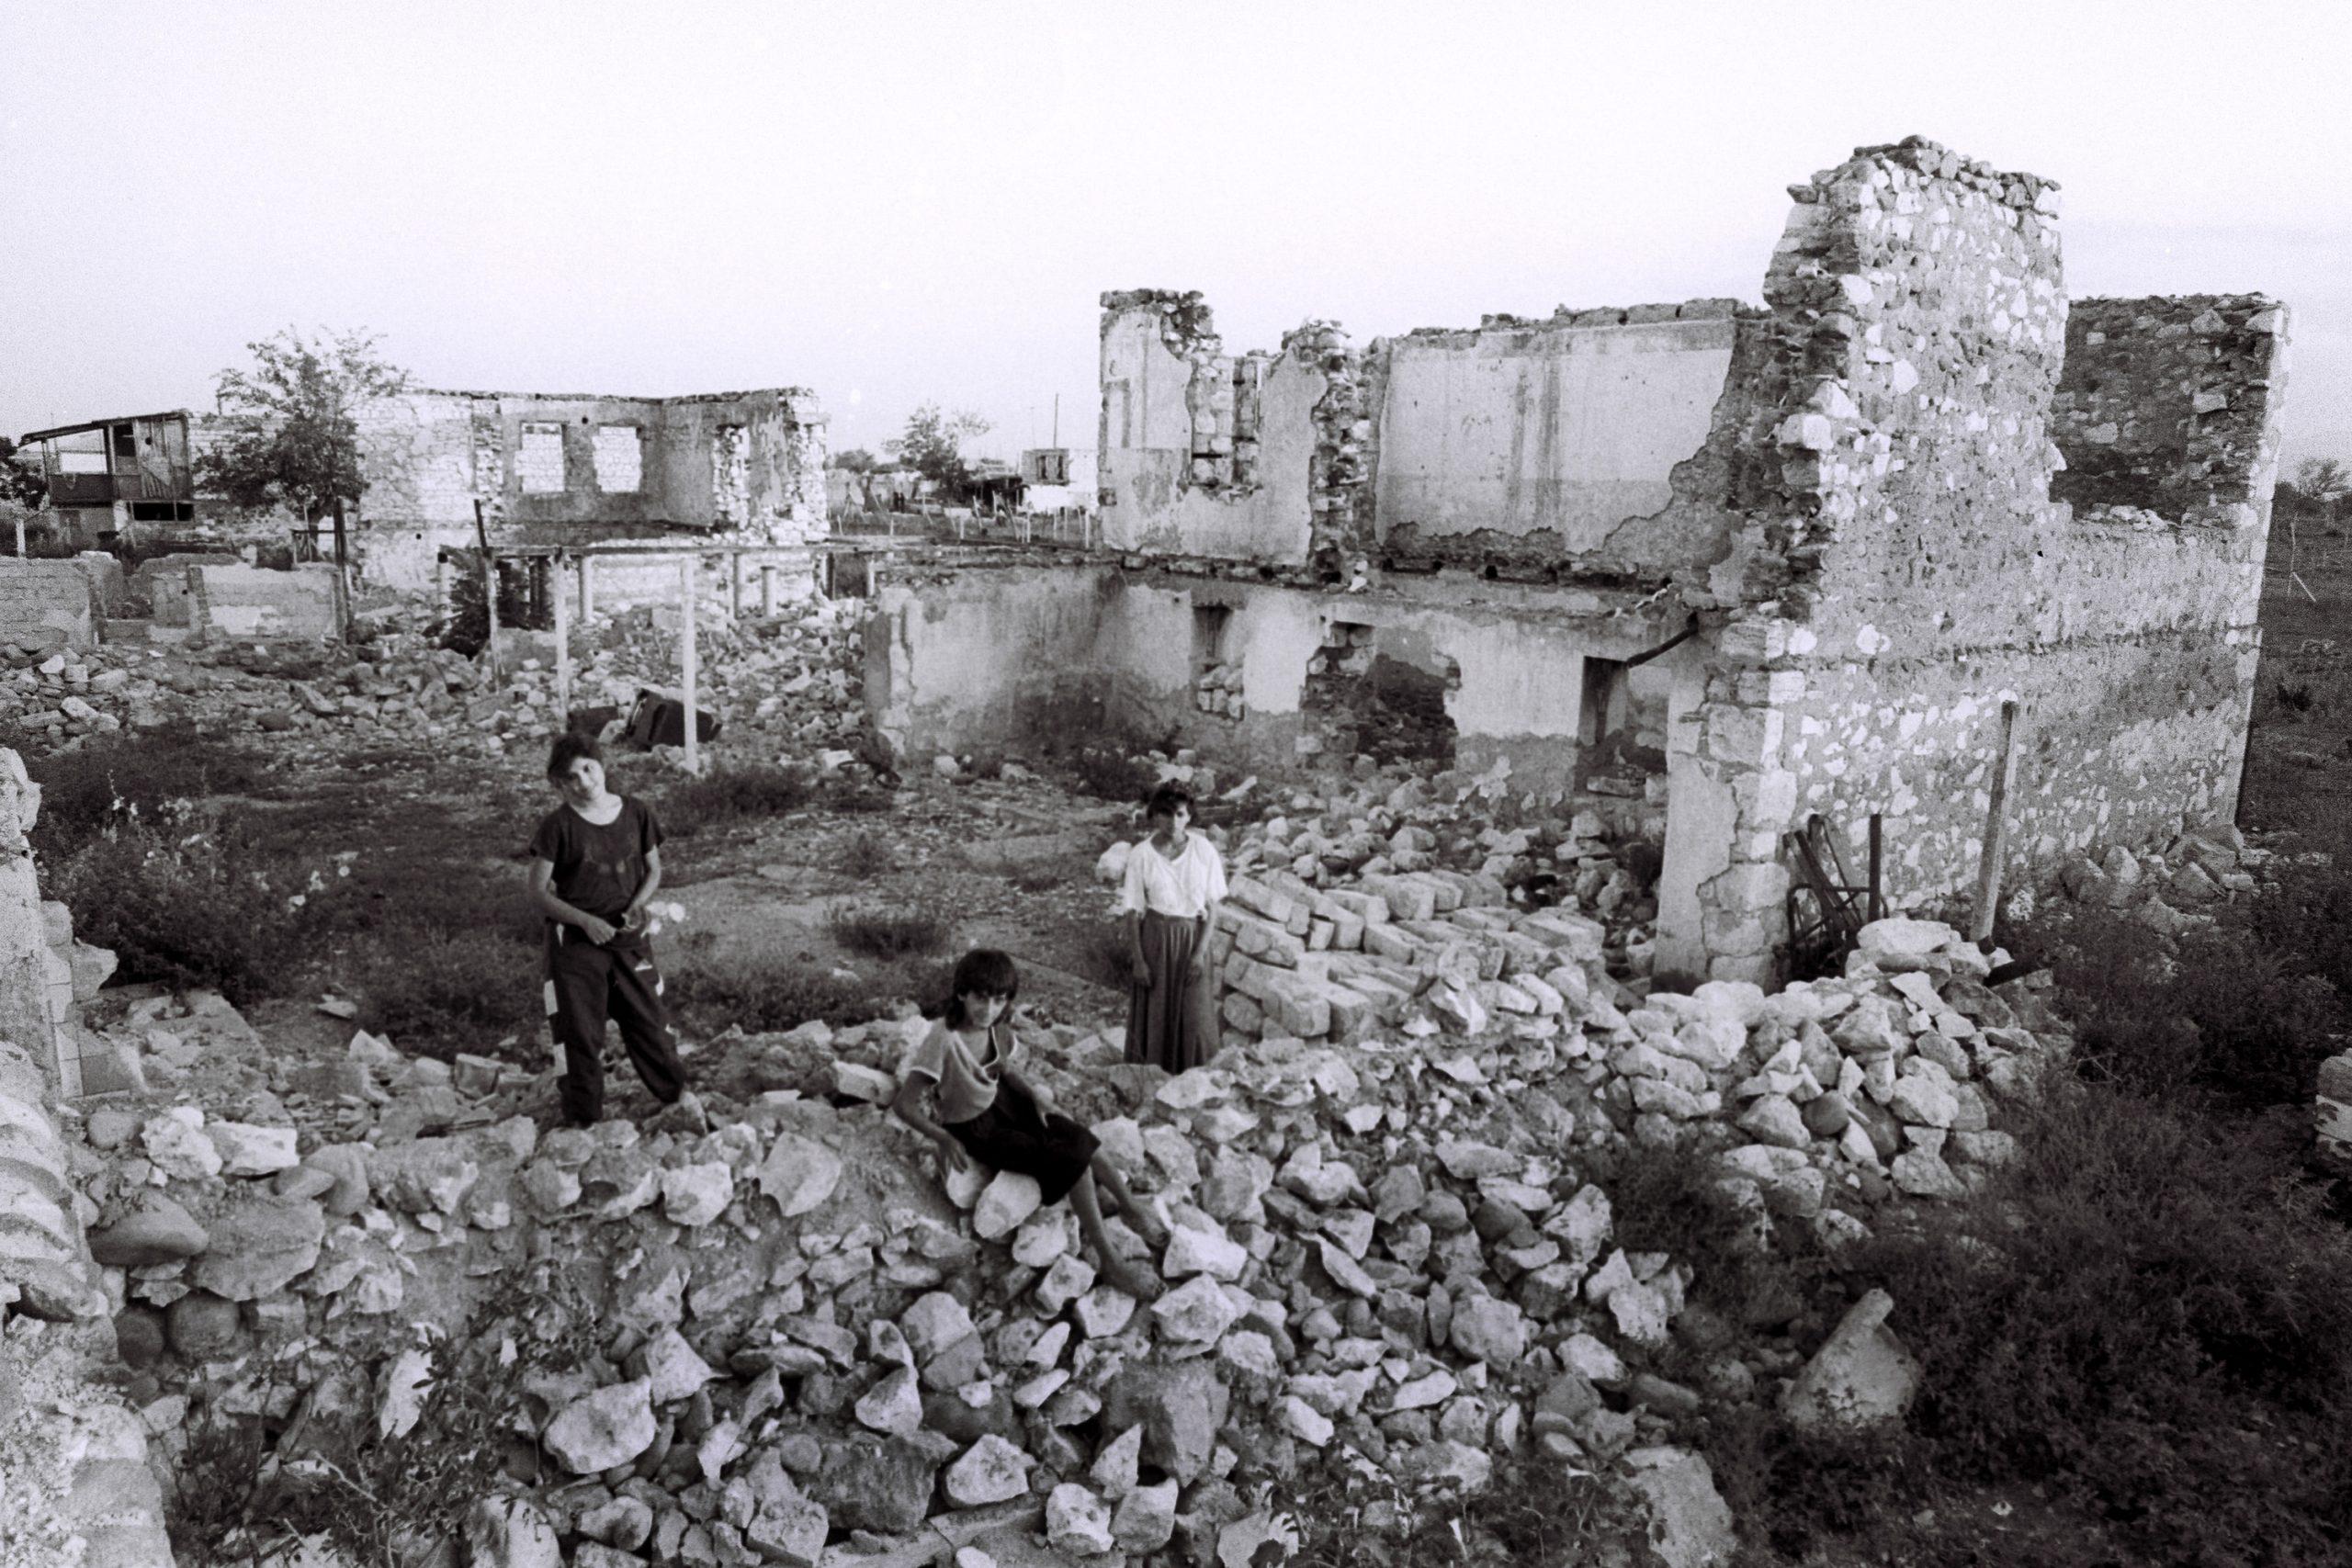 Кто спровоцировал войну в Нагорном Карабахе?